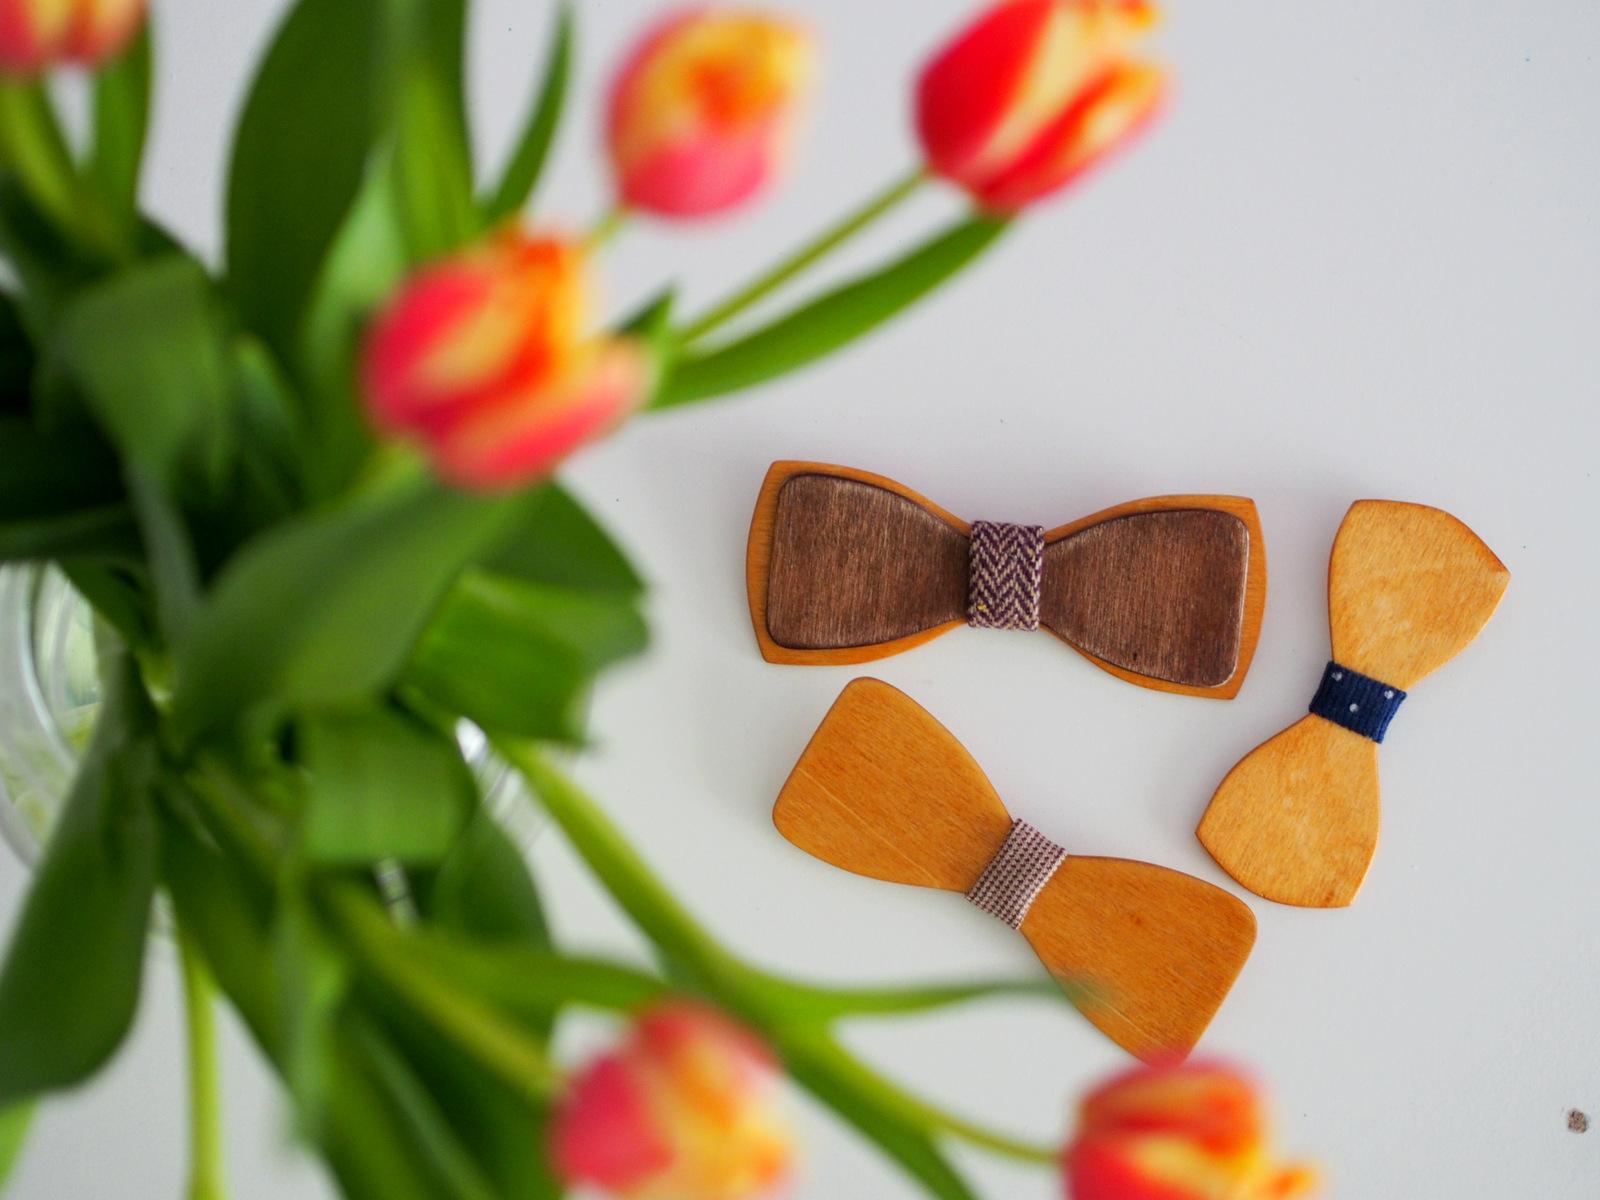 DIY/recycling: z drevenej debničky štýlový módny doplnok, v ktorom očaríte okolie a budete šik // from wooden fruit box to wooden bow tie